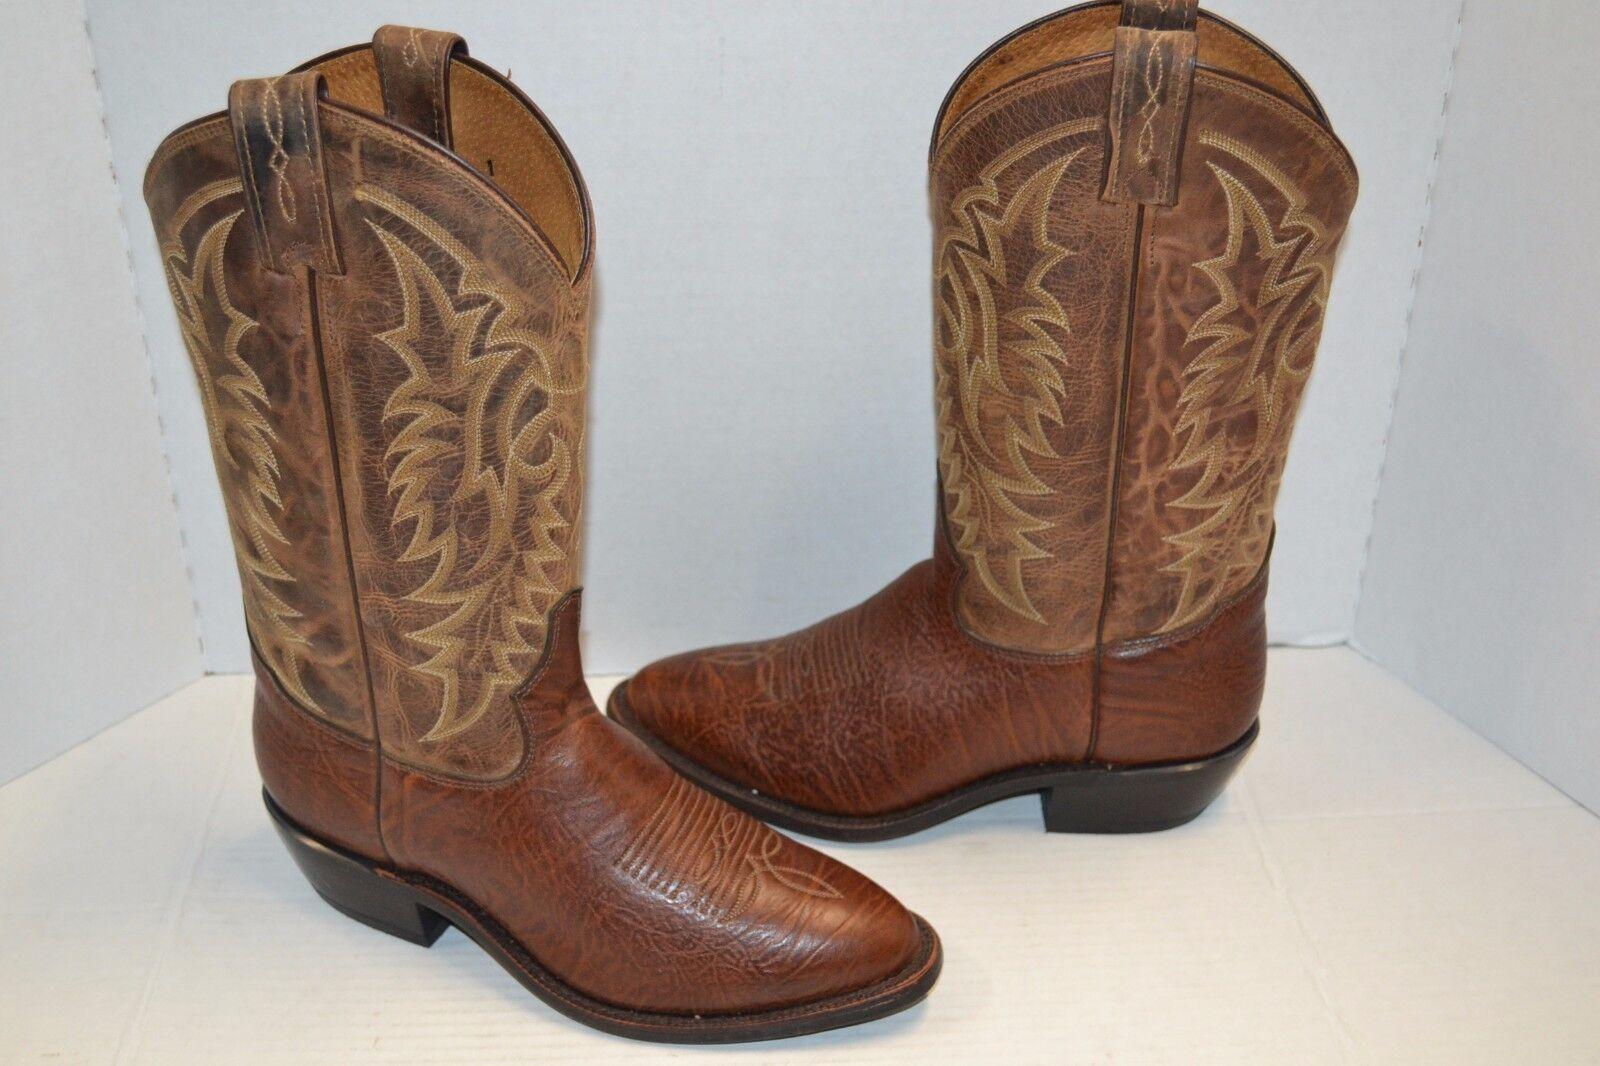 Tony Lama 7938 Mens Cognac BROWN Conquistador Americana SZ 8 D Western Boots